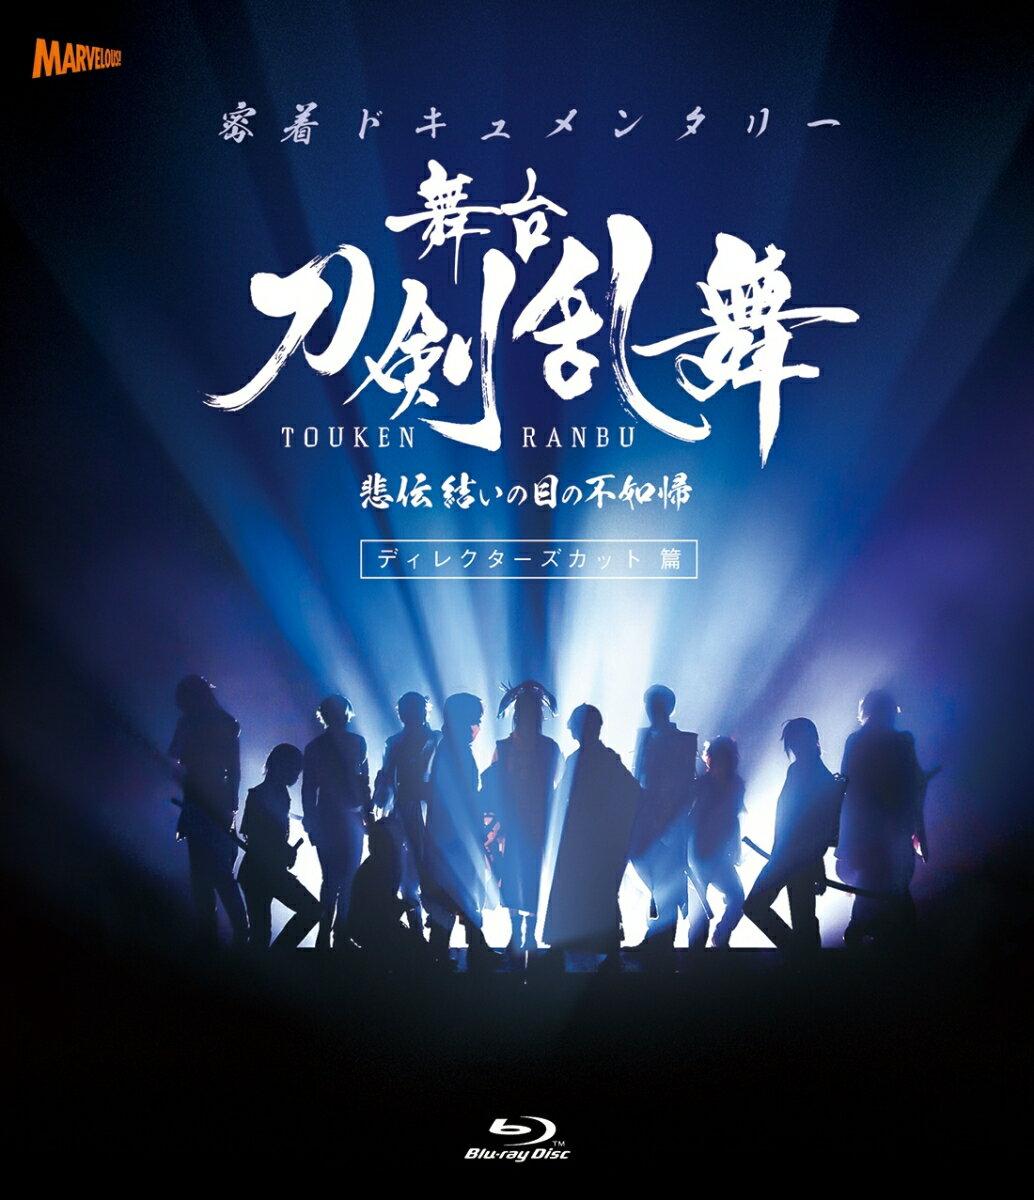 密着ドキュメンタリー 舞台『刀剣乱舞』悲伝 結いの目の不如帰 ディレクターズカット篇【Blu-ray】